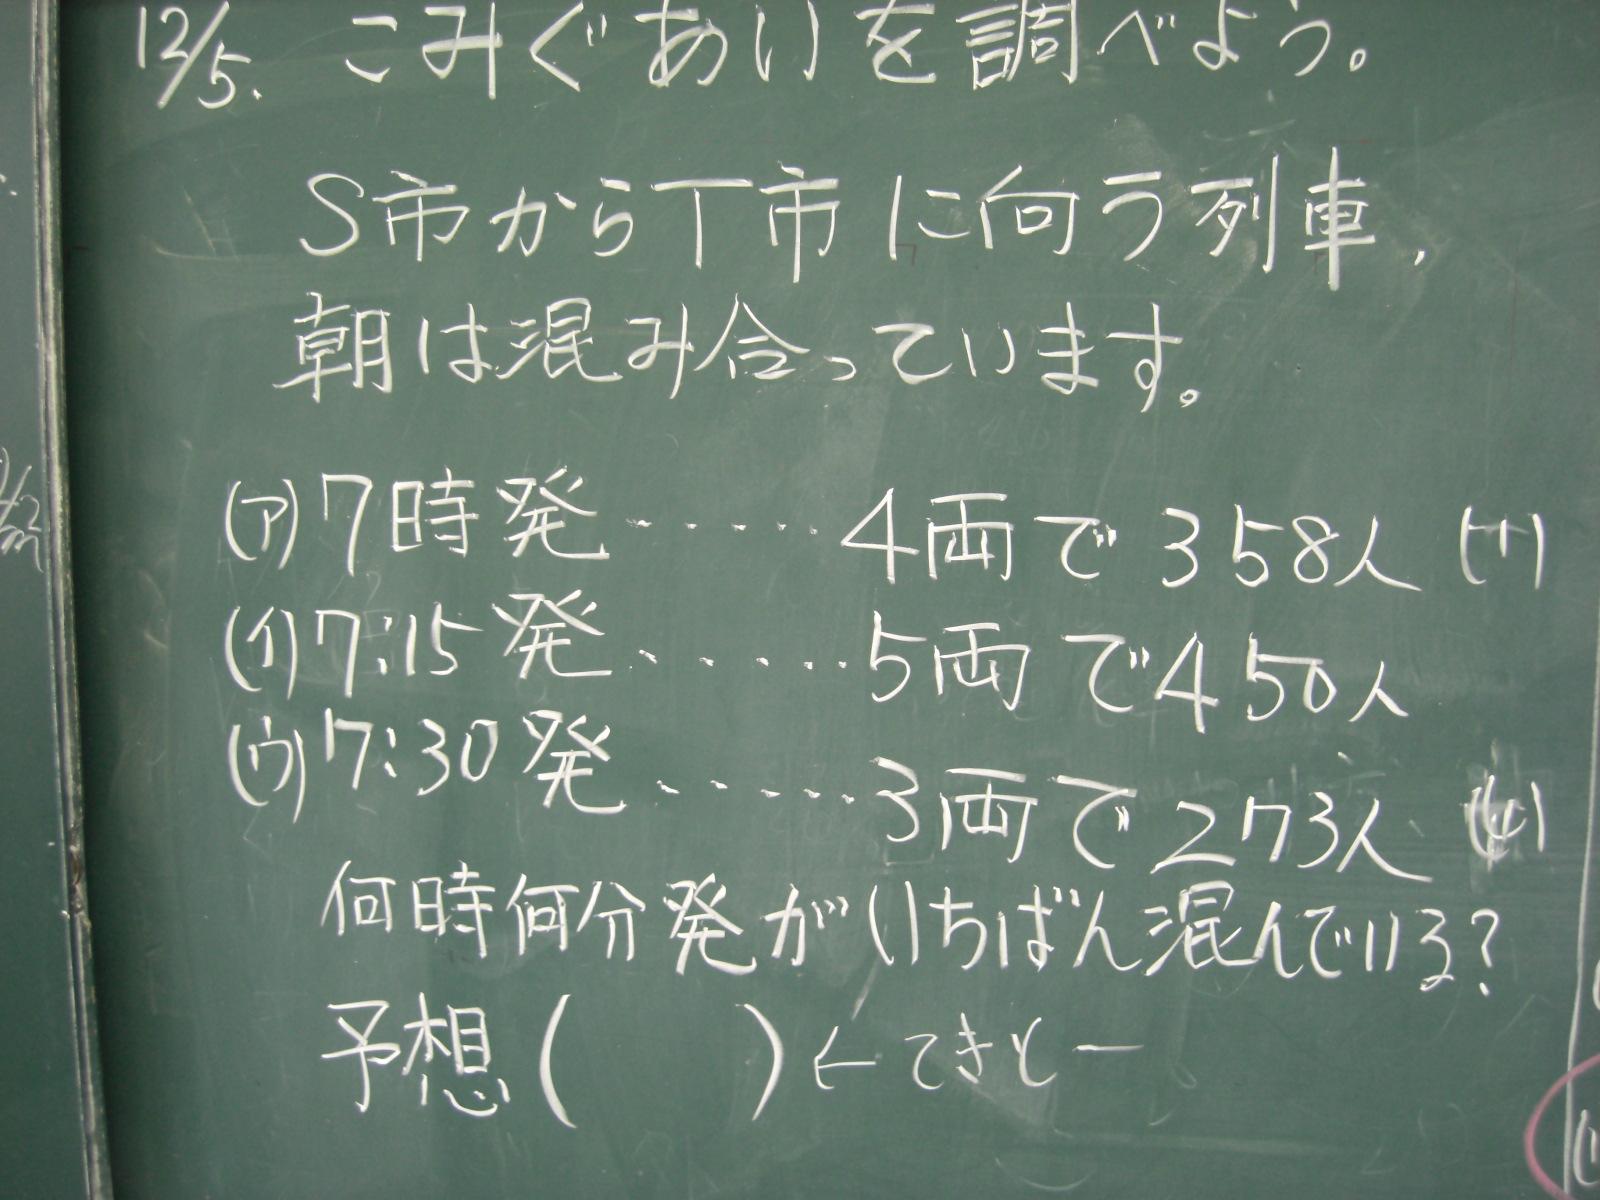 単位当たり量の授業12時間目 石原清貴の算数教育ブログ